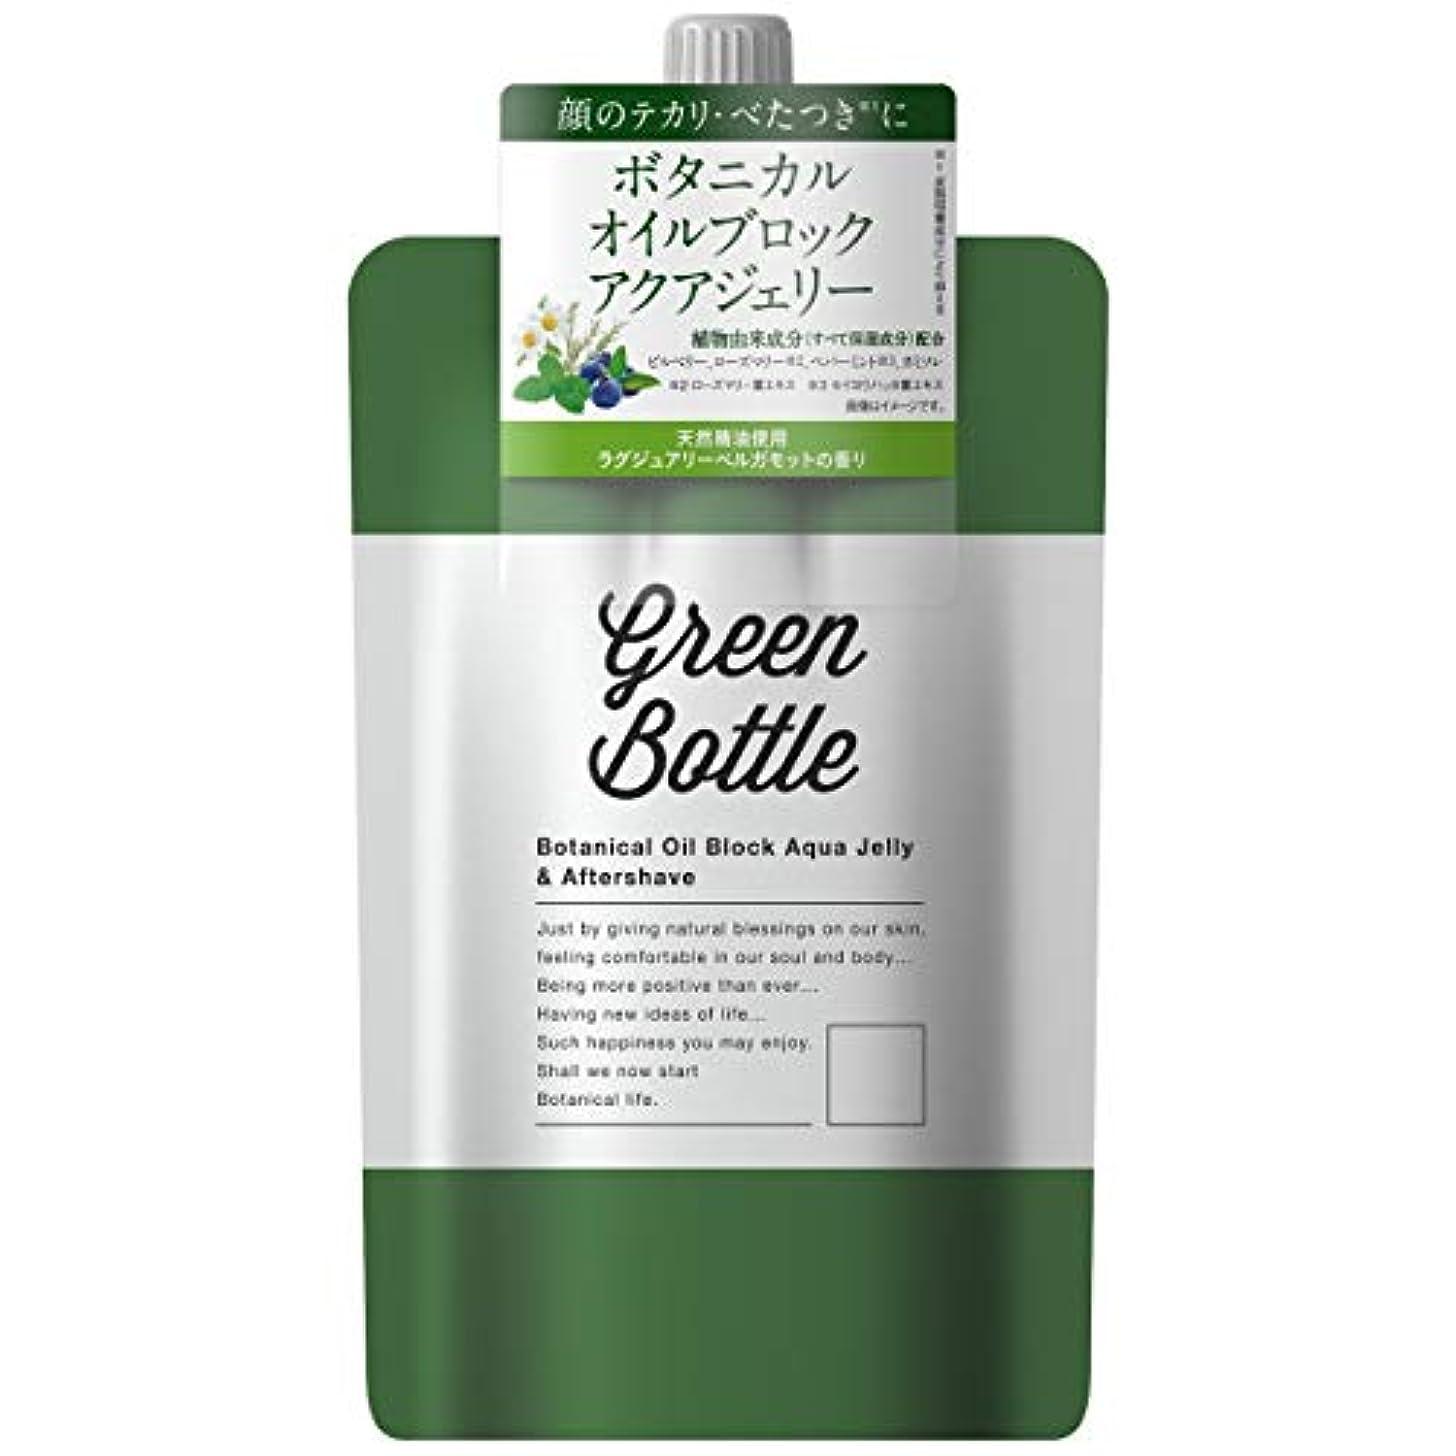 壁海賊金額グリーンボトルボタニカル グリーンボトル ボタニカルオイルブロックアクアジェリー 化粧水 ラグジュアリーベルガモットの香り 150g